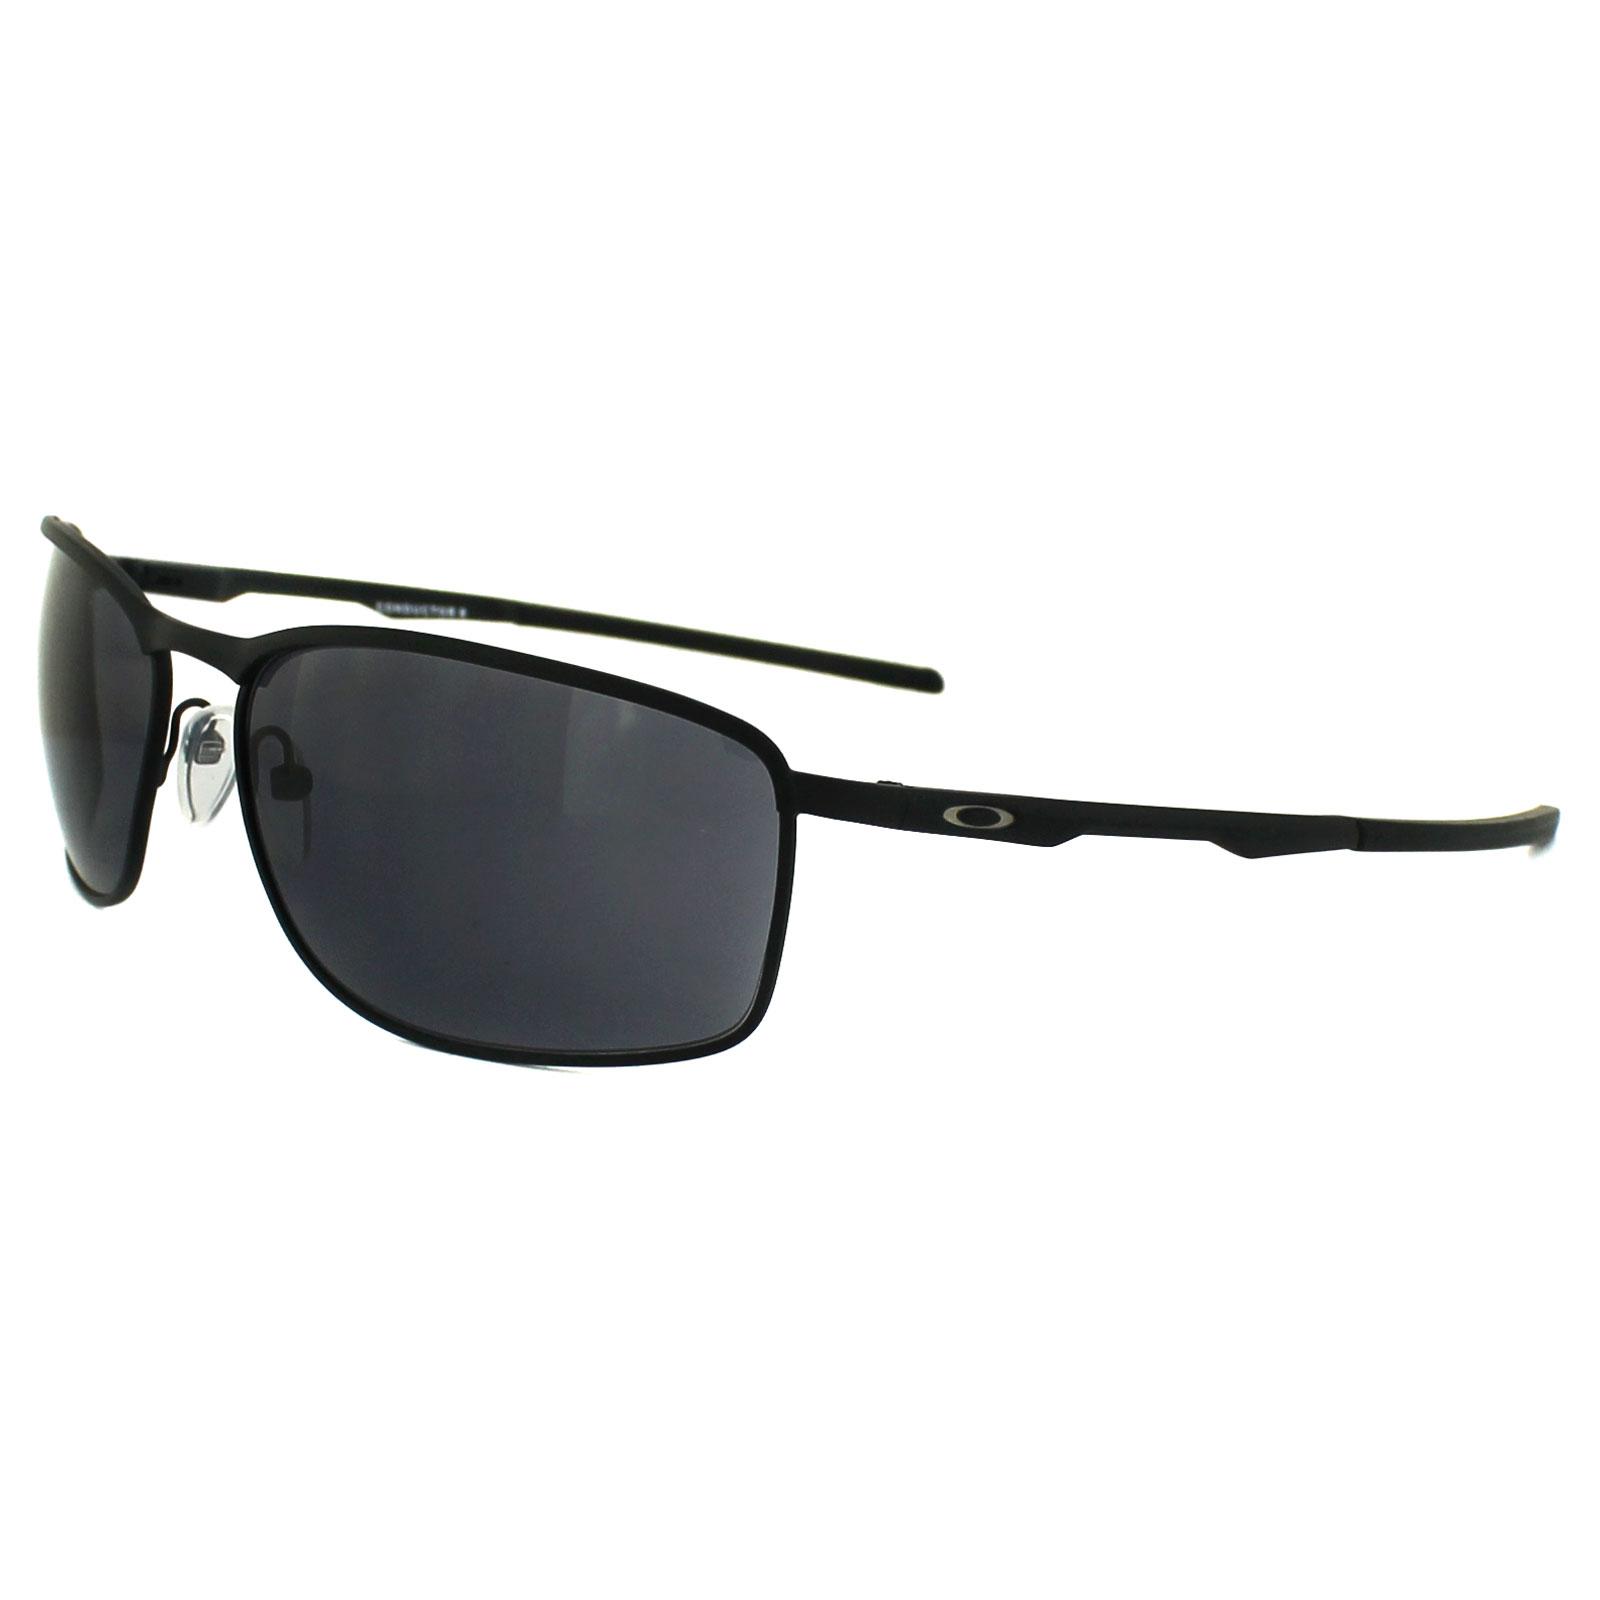 1f7bb7f21a Oakley Eyewear 8